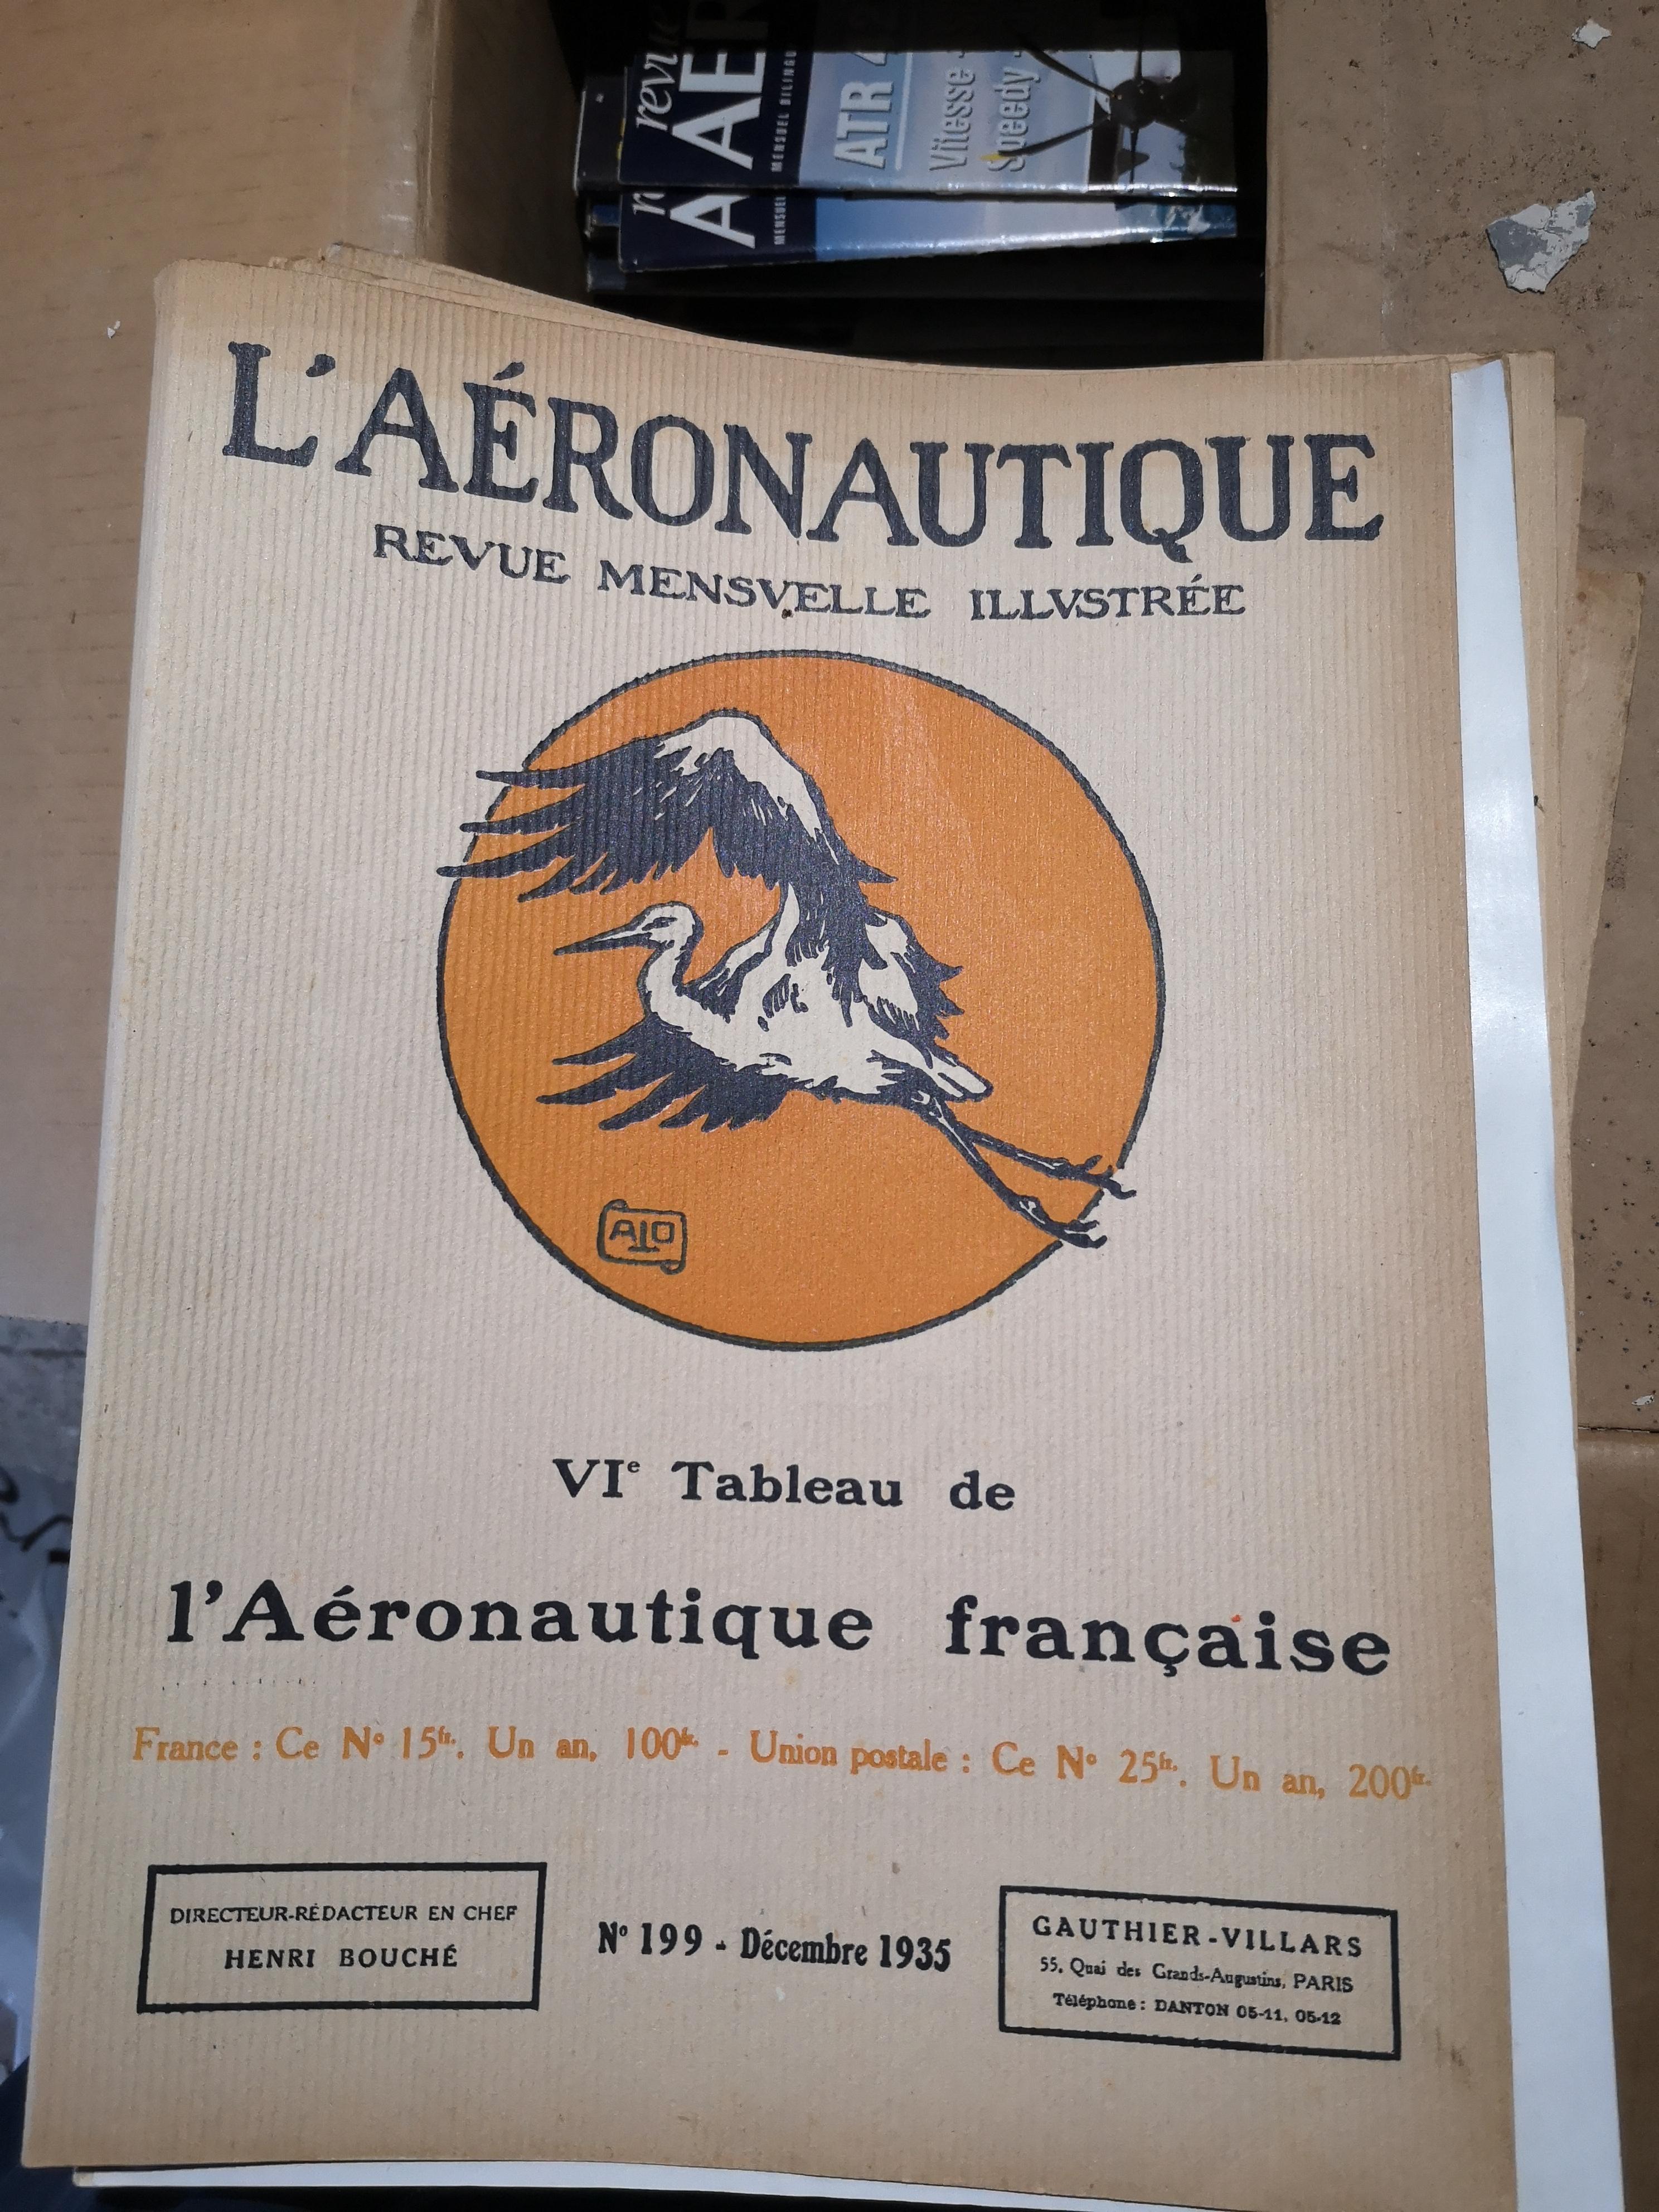 L'AERONAUTIQUE, Revue Mensuelle Illustrée 99 Saint-Victoret (13)